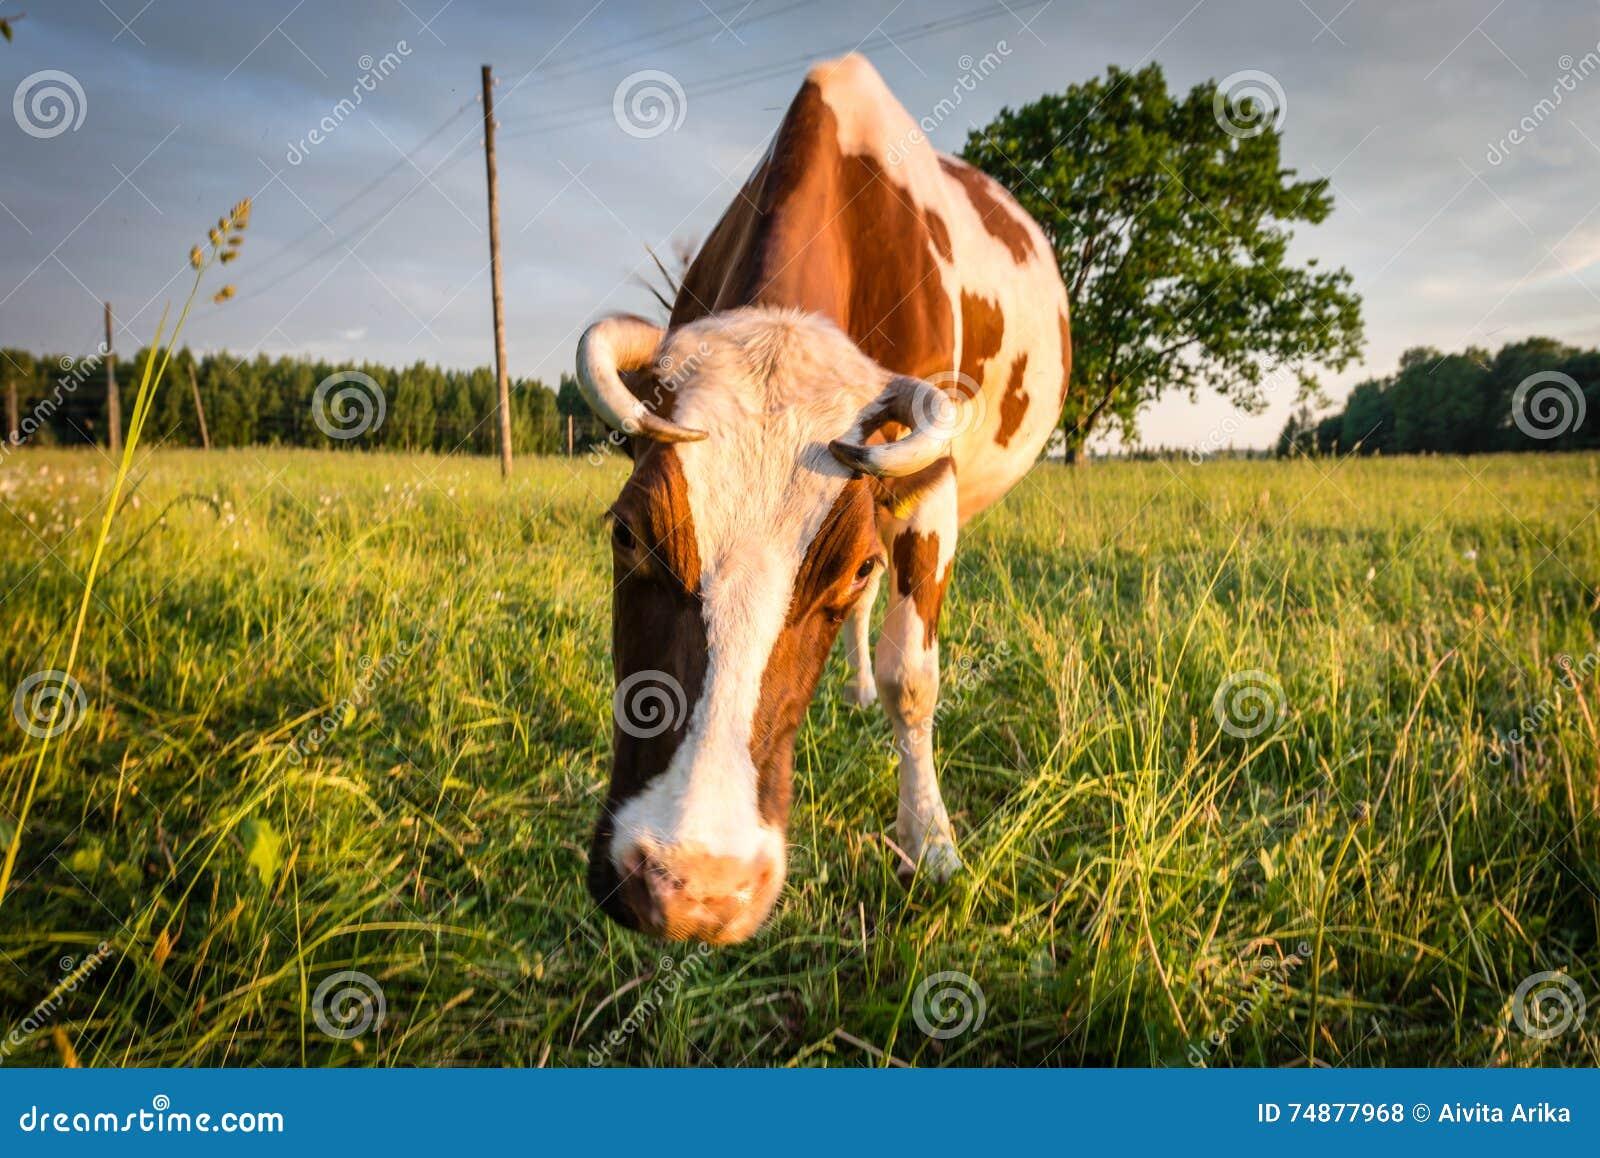 Vaca no pasto no campo letão no por do sol